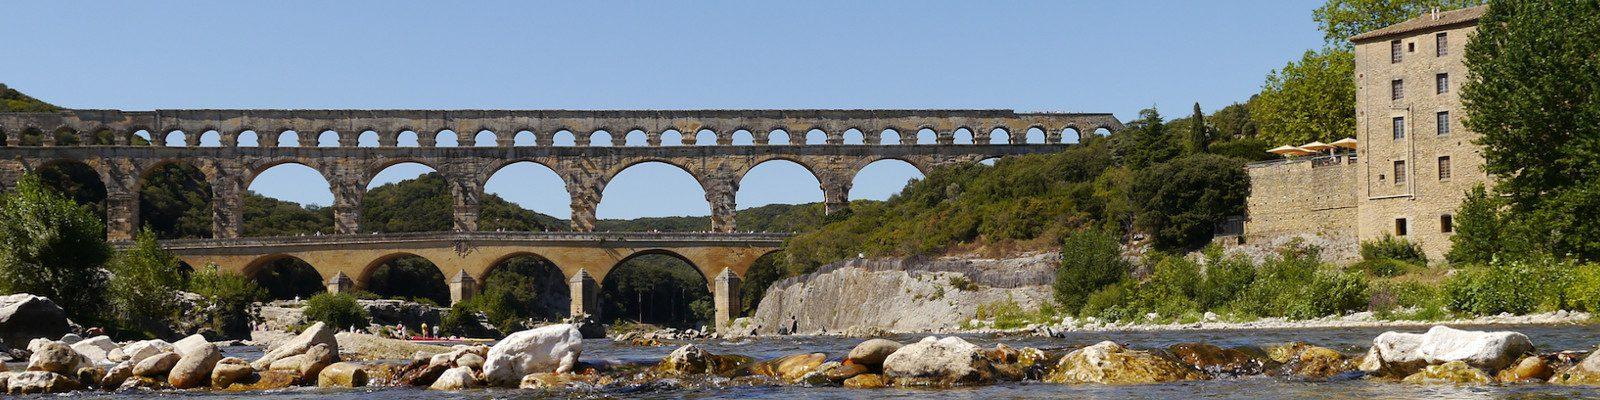 Pont du Gard - France - 2015